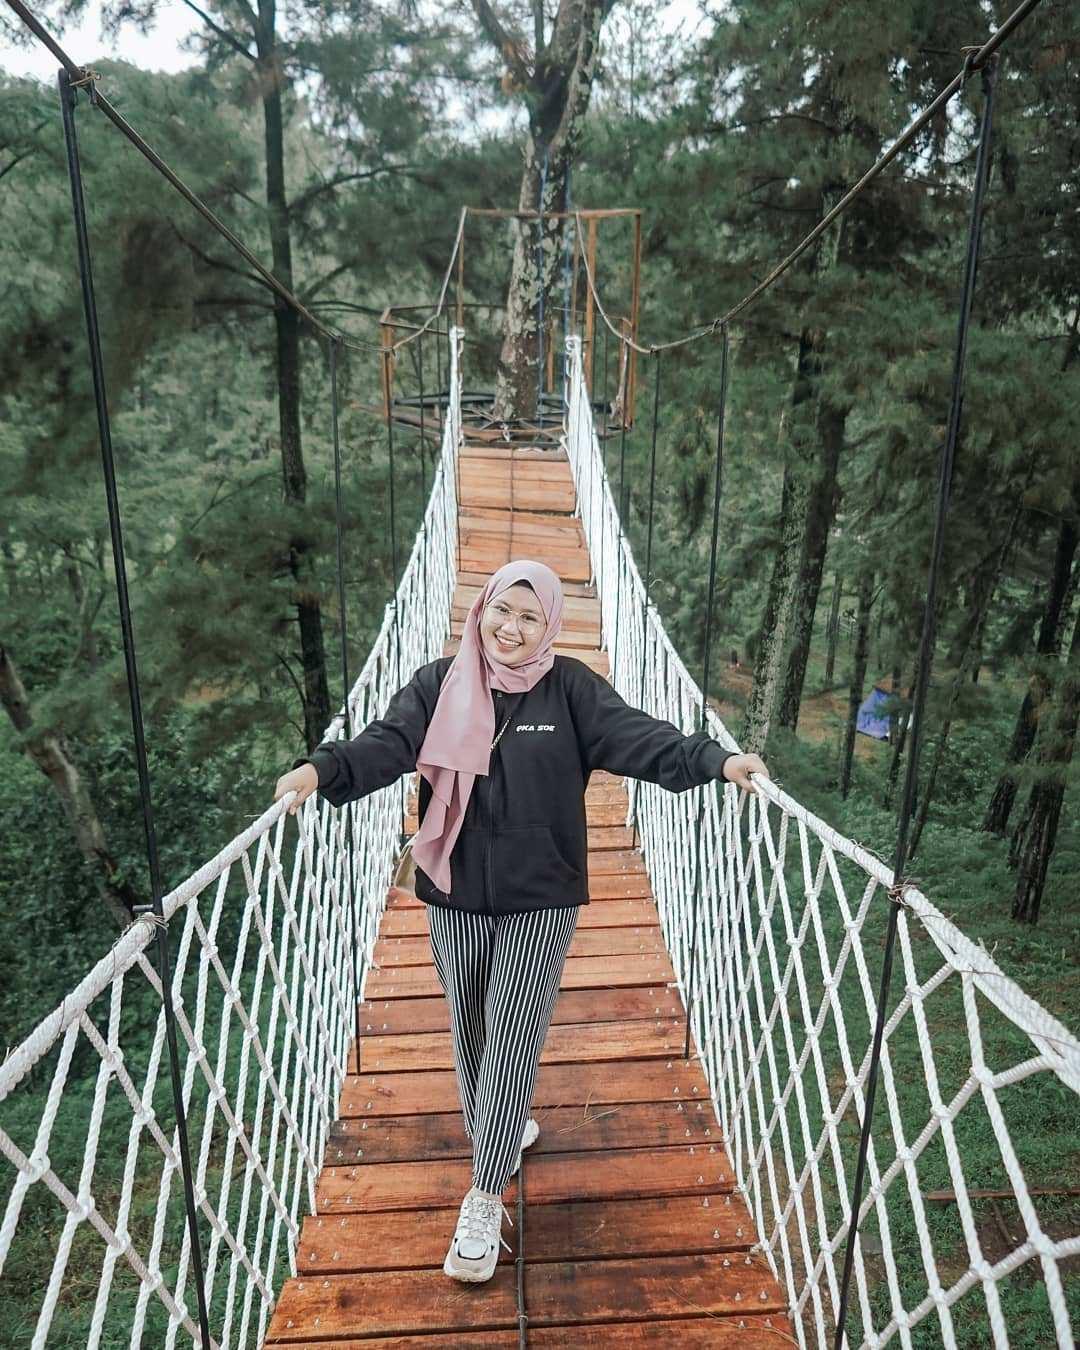 Berfoto Di Jembatan Yang Ada Di Wana Wisata Clirit Tegal Image From @listya_erni